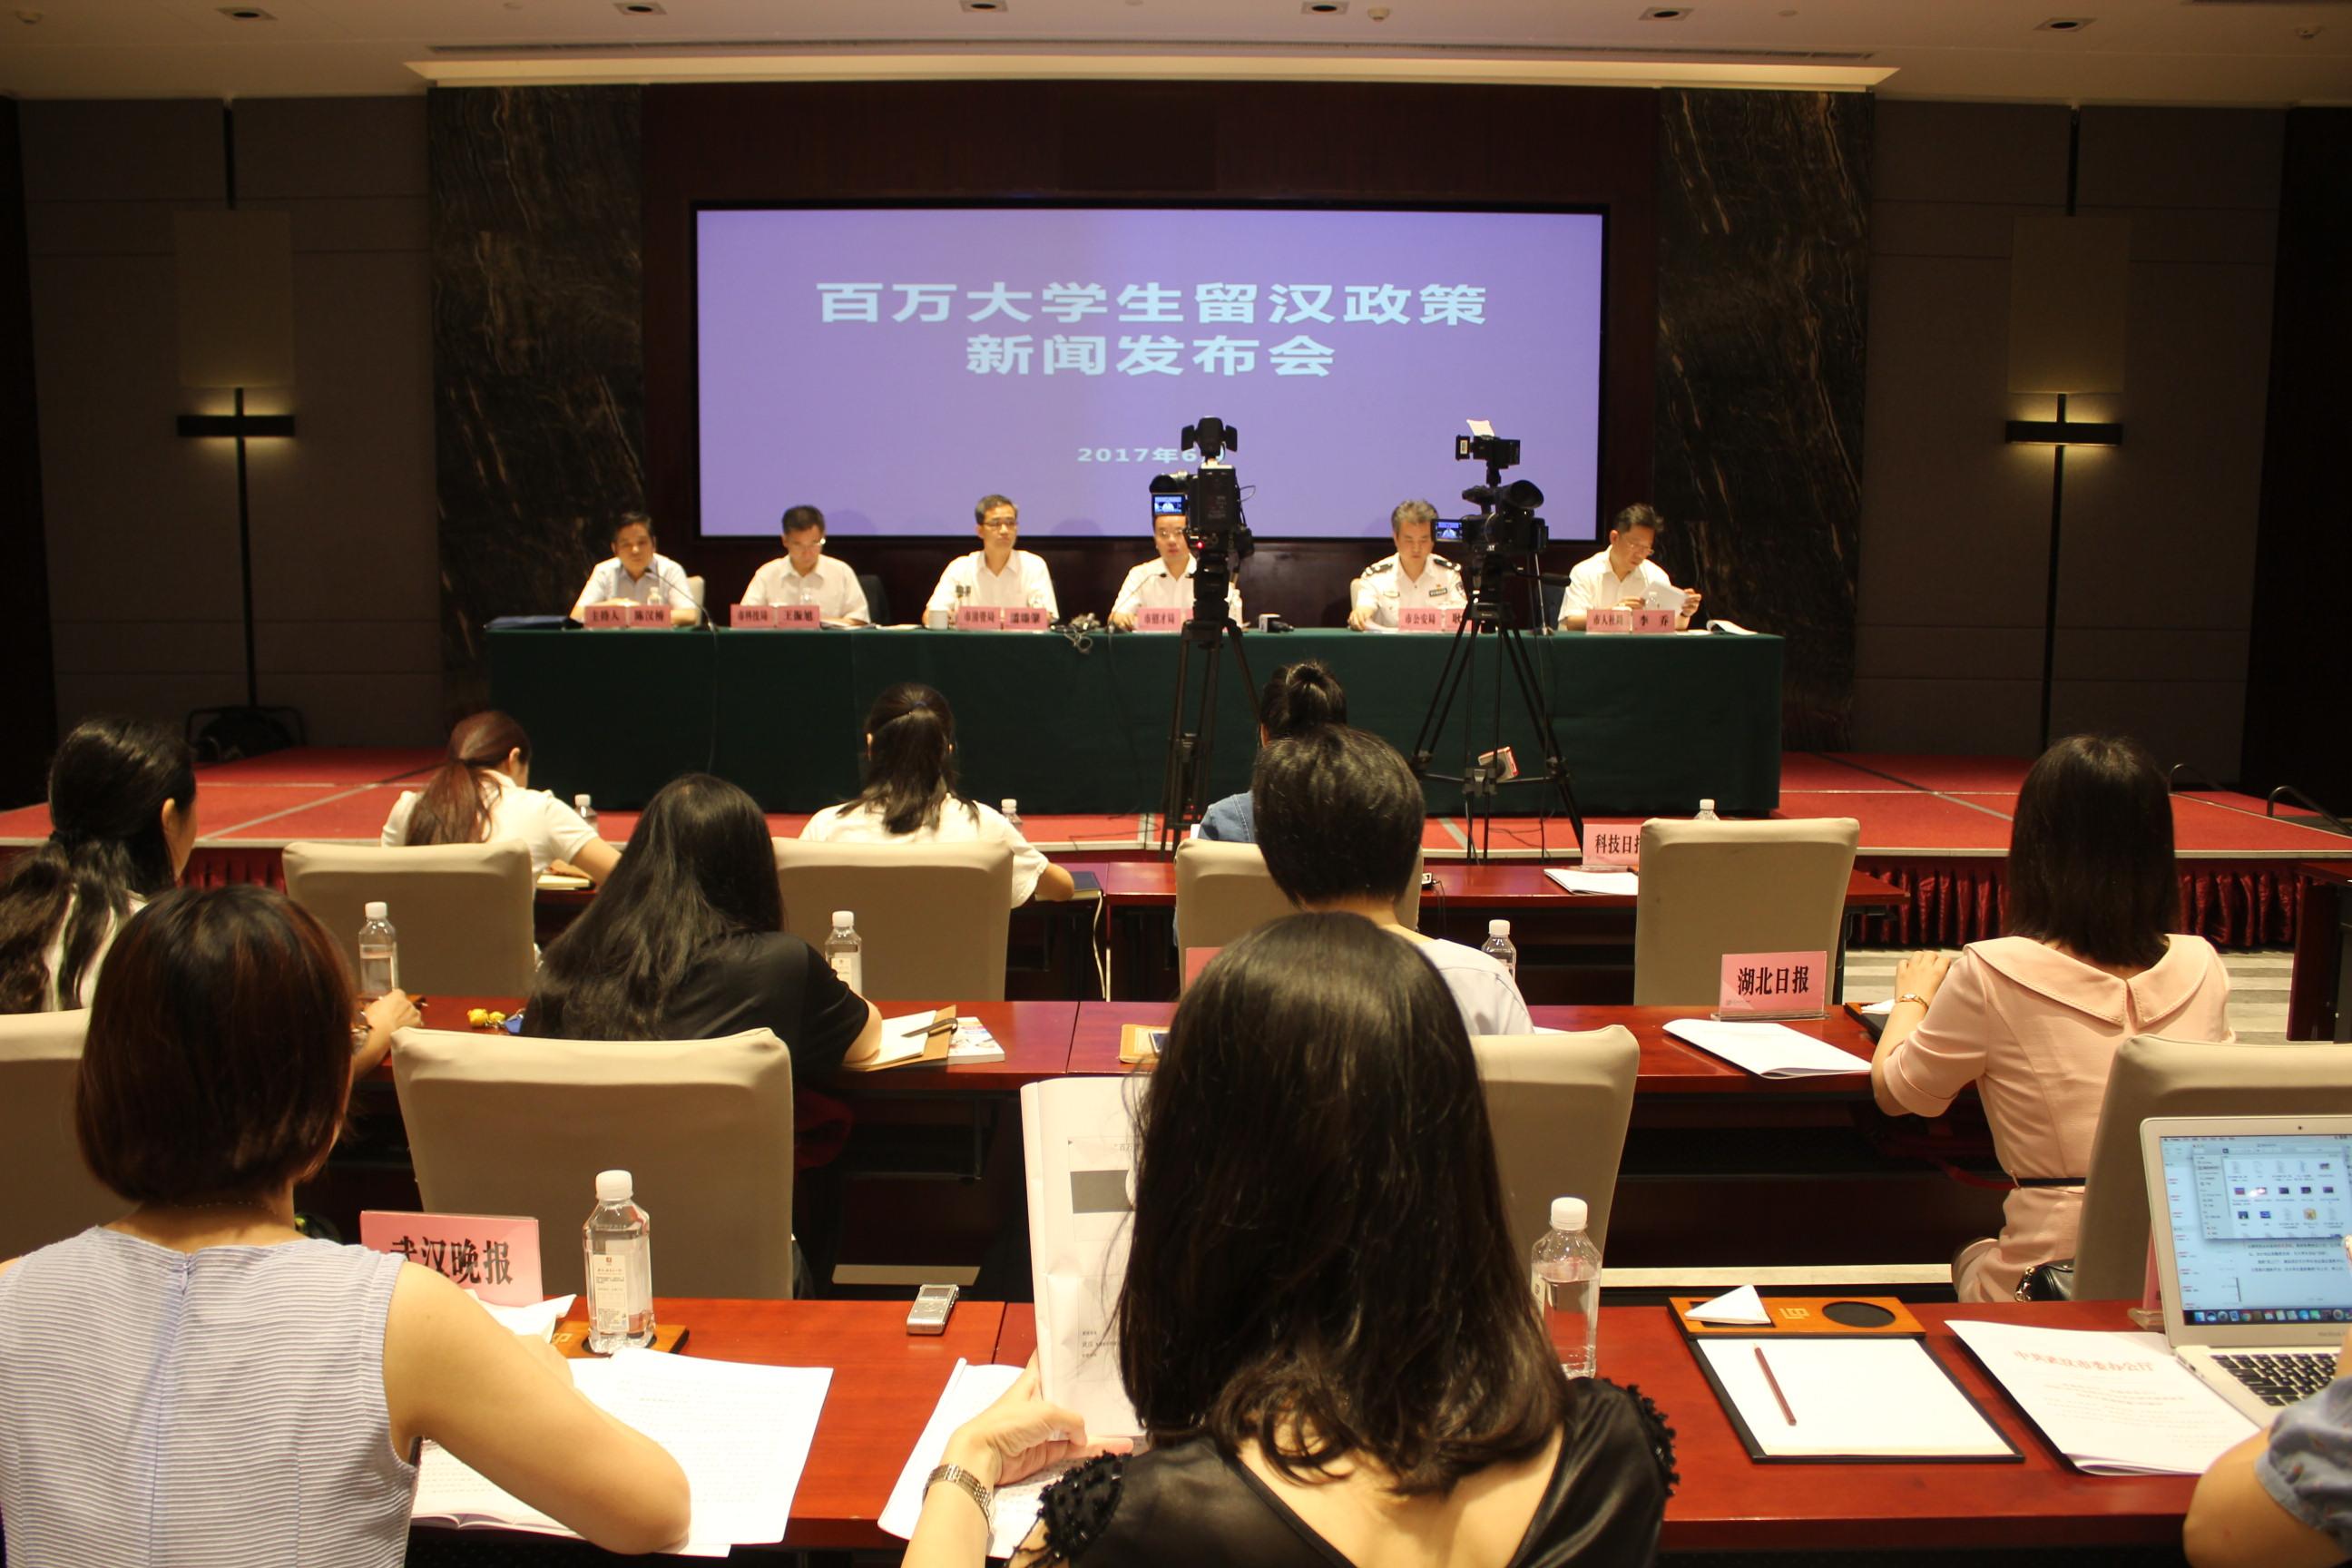 武汉发布百万大学生留汉创业就业政策图片